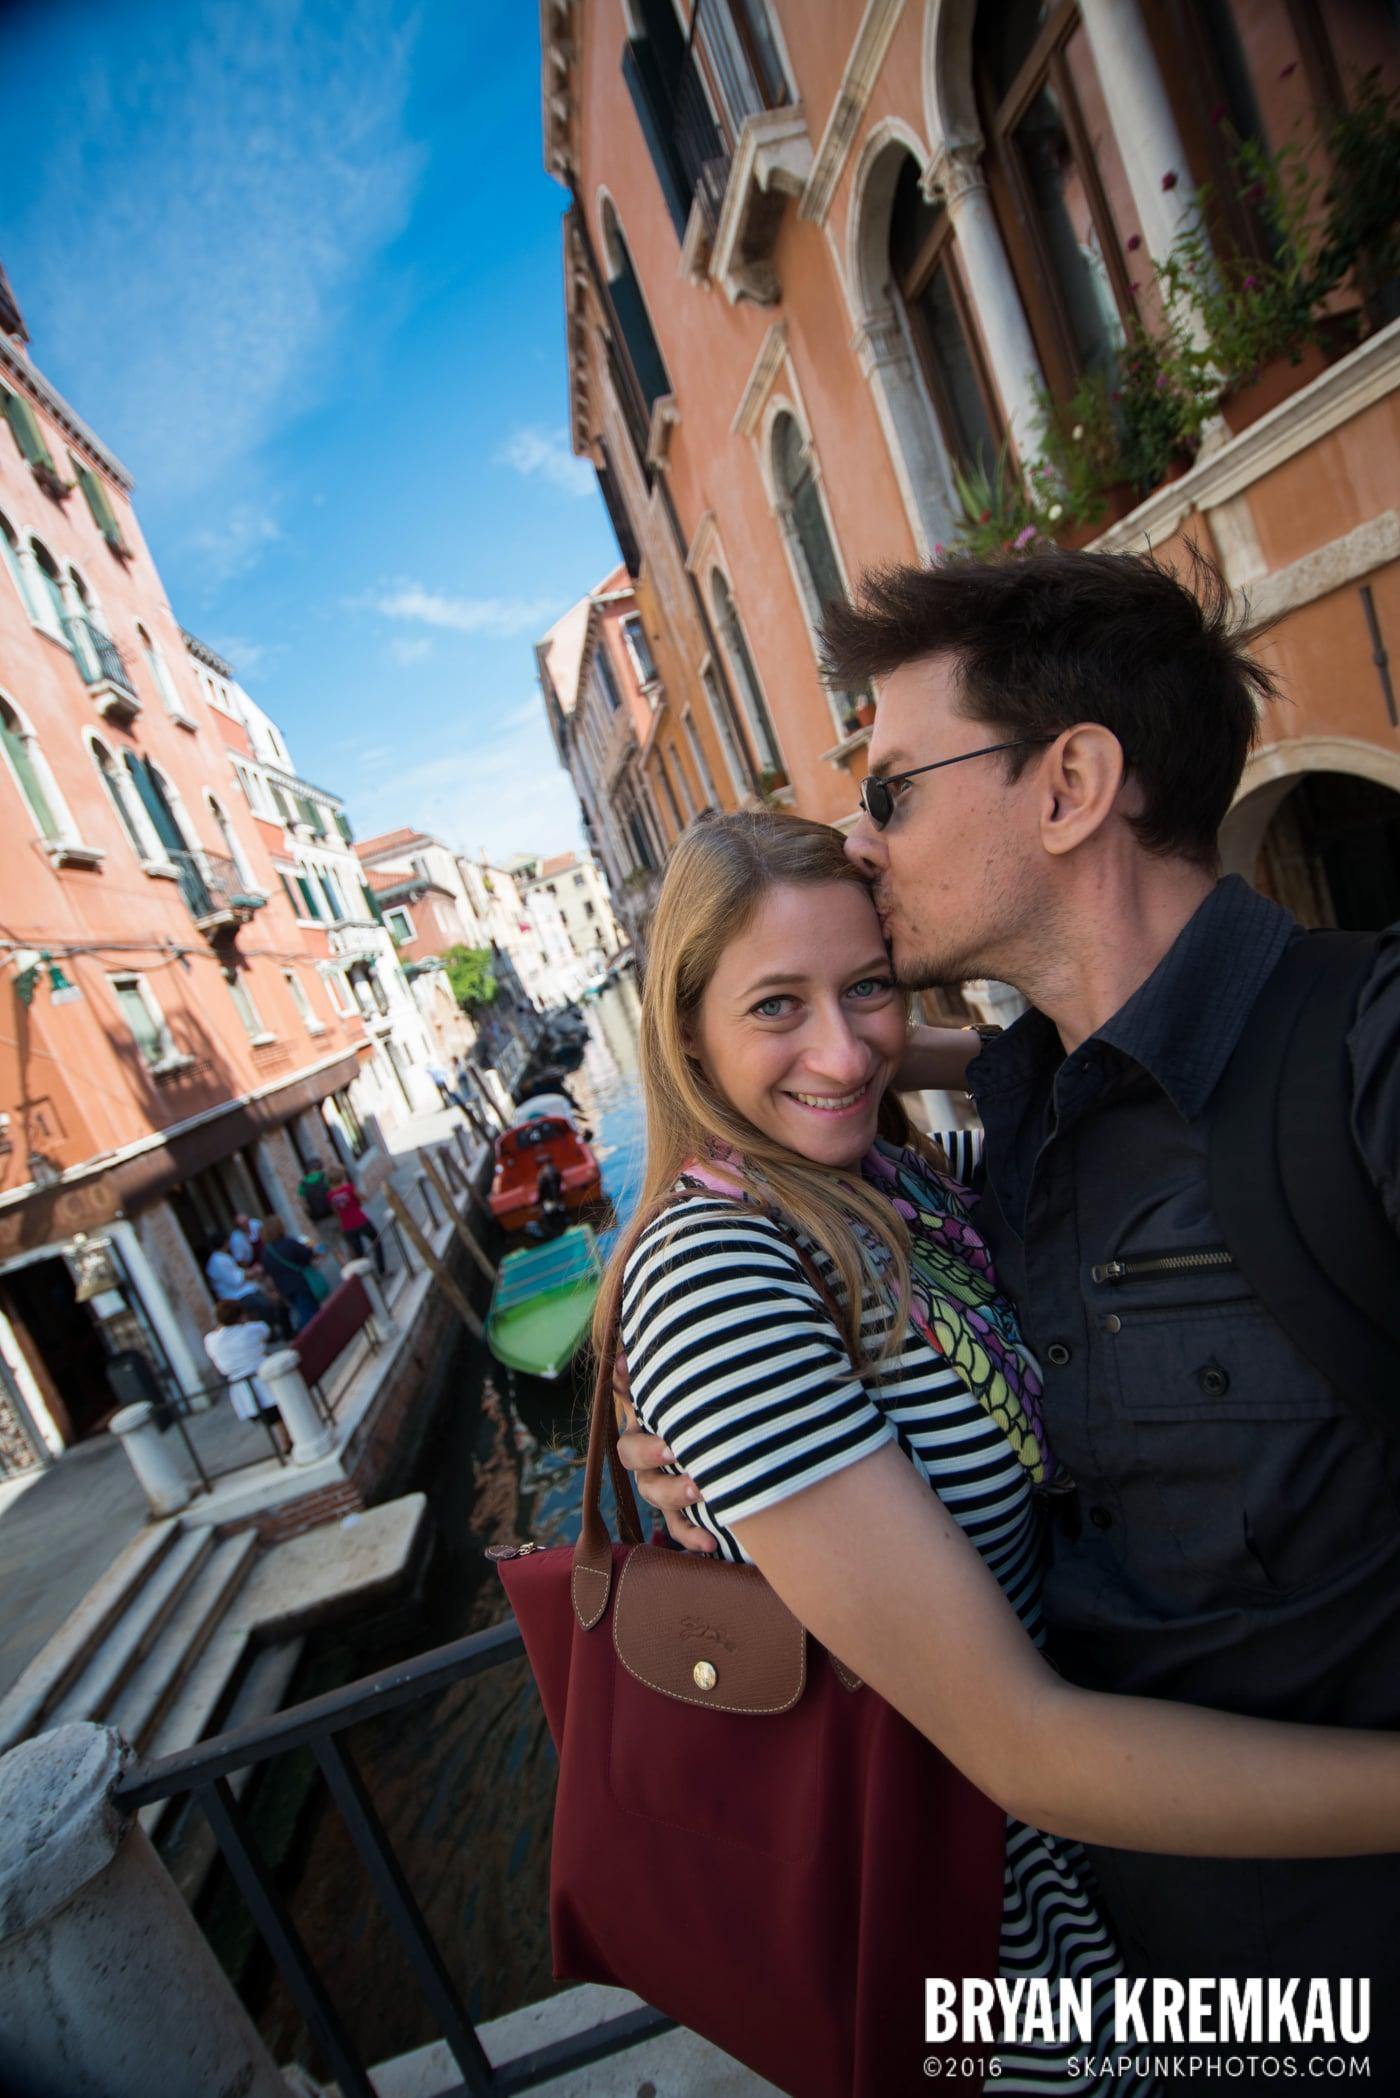 Italy Vacation - Day 5: Venice - 9.13.13 (61)